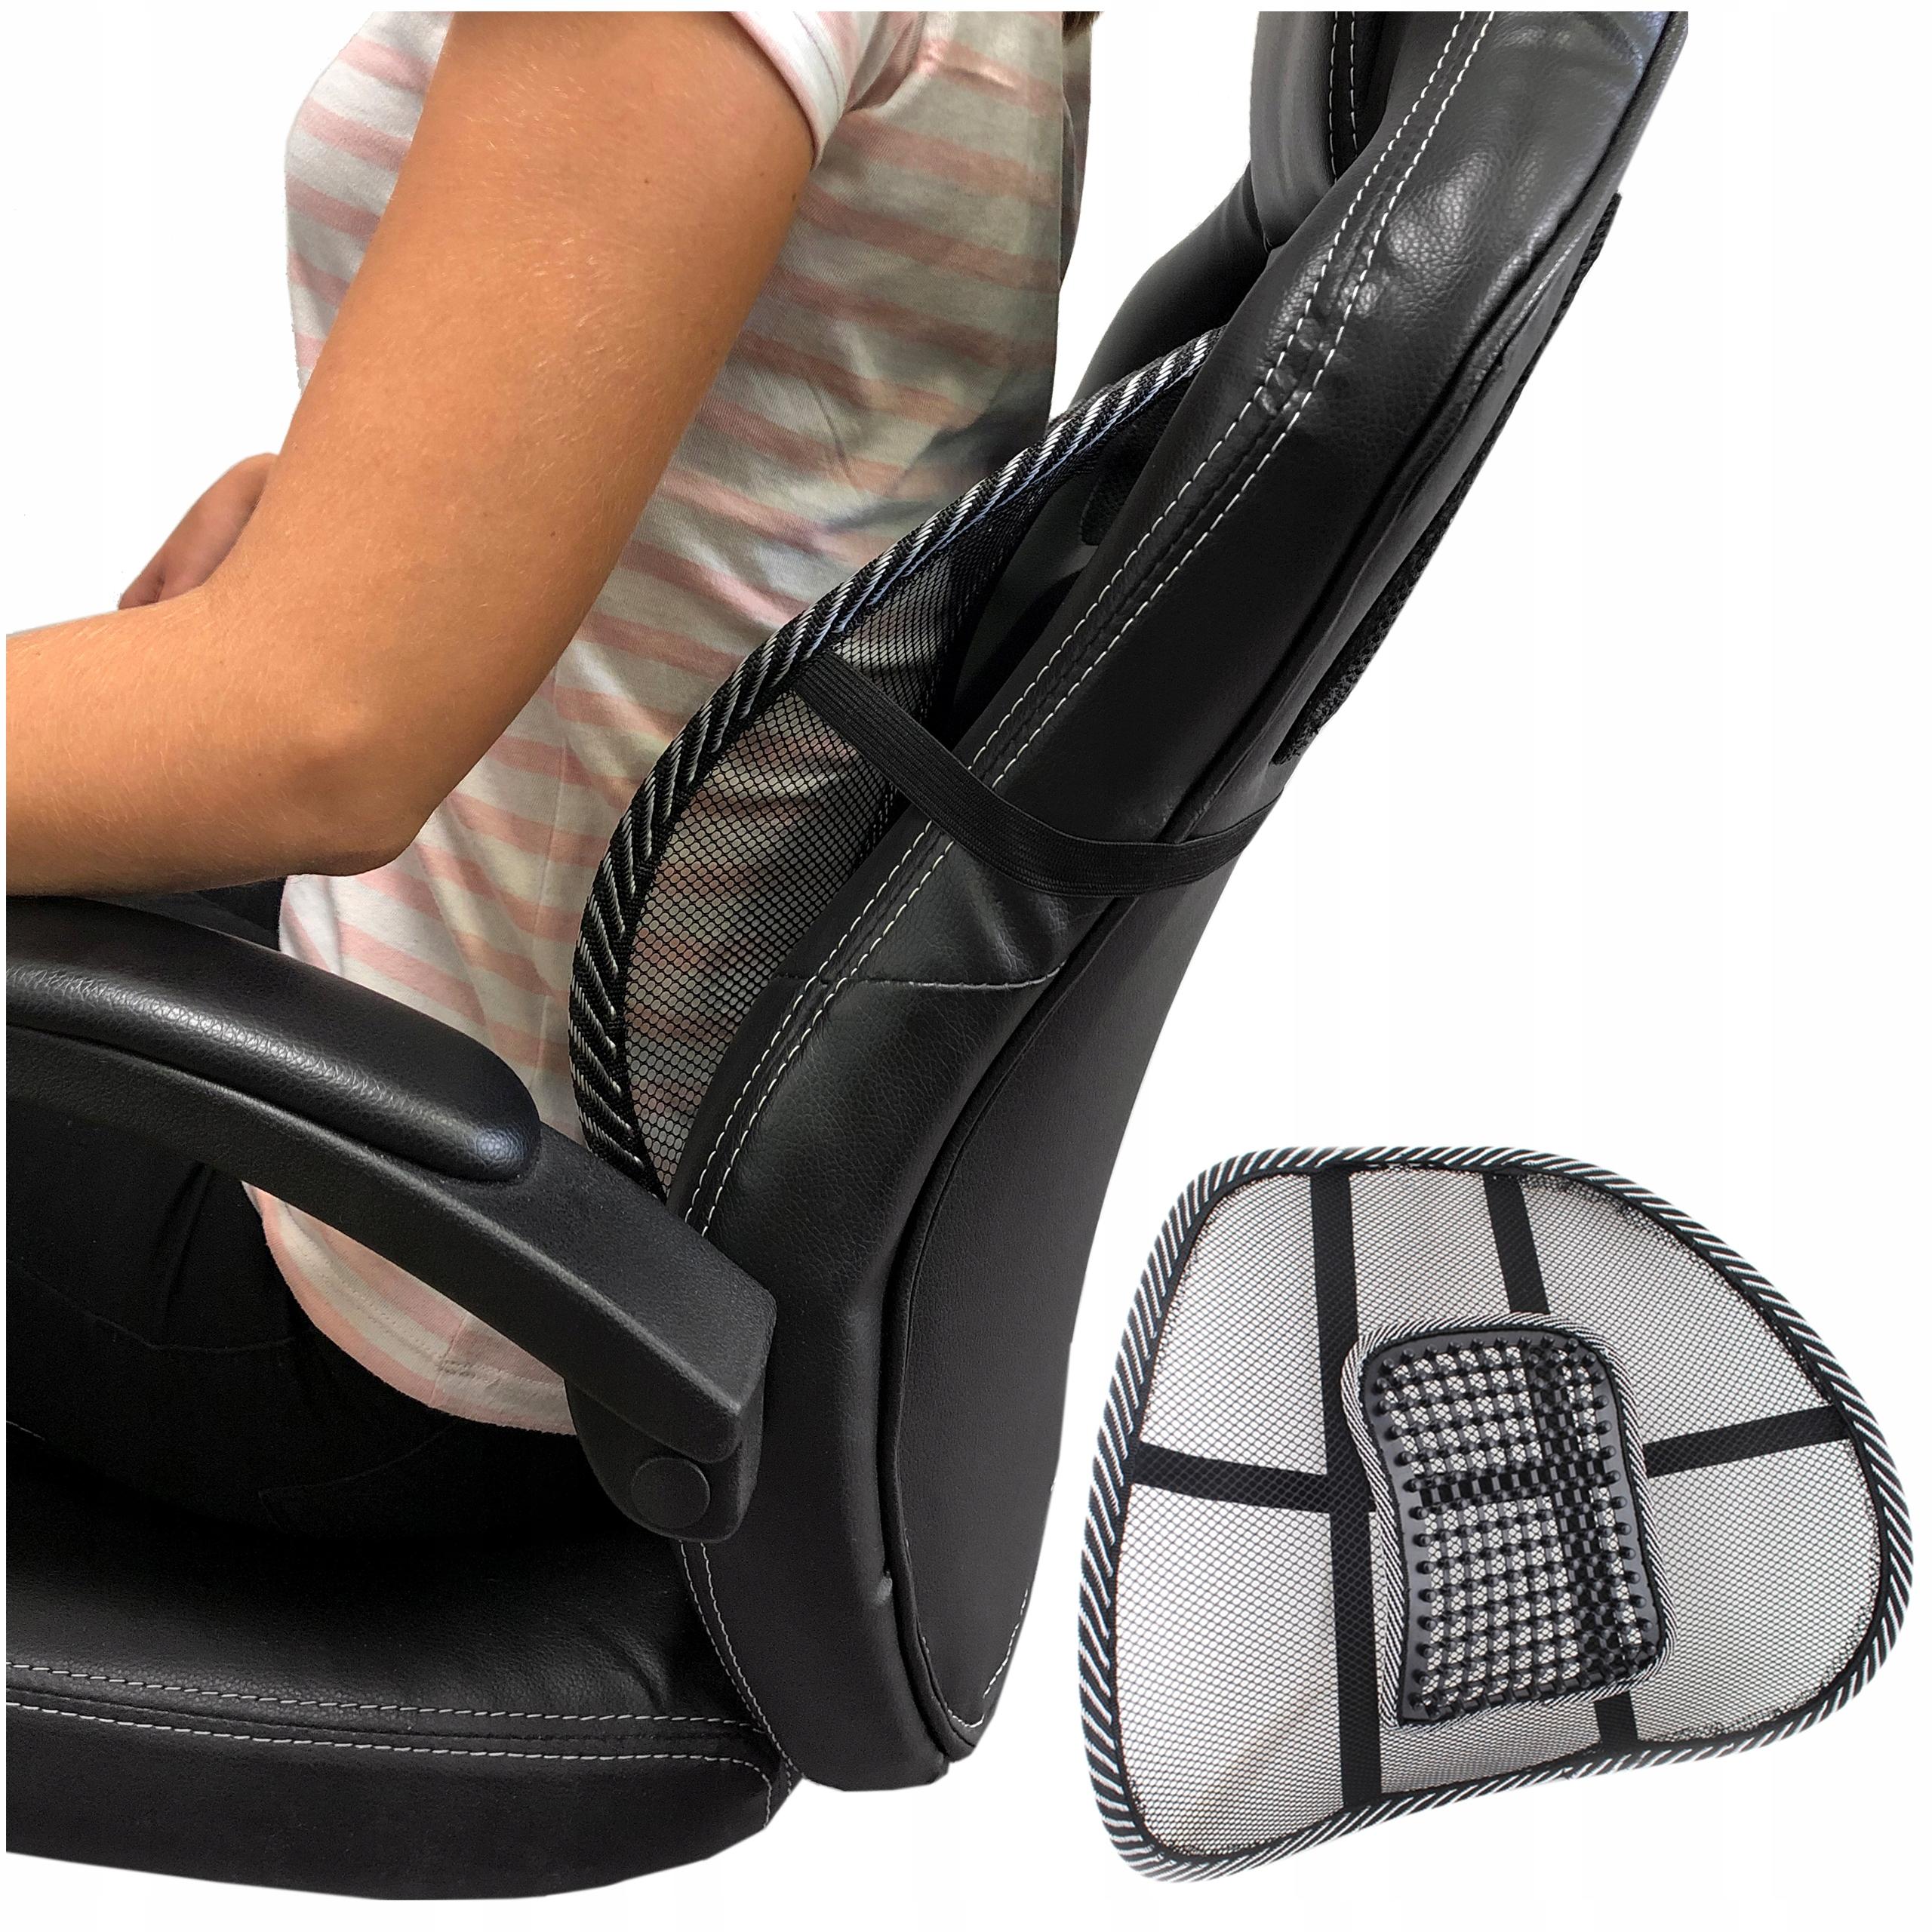 Podpora bedrovej podložky pod späť na stoličke